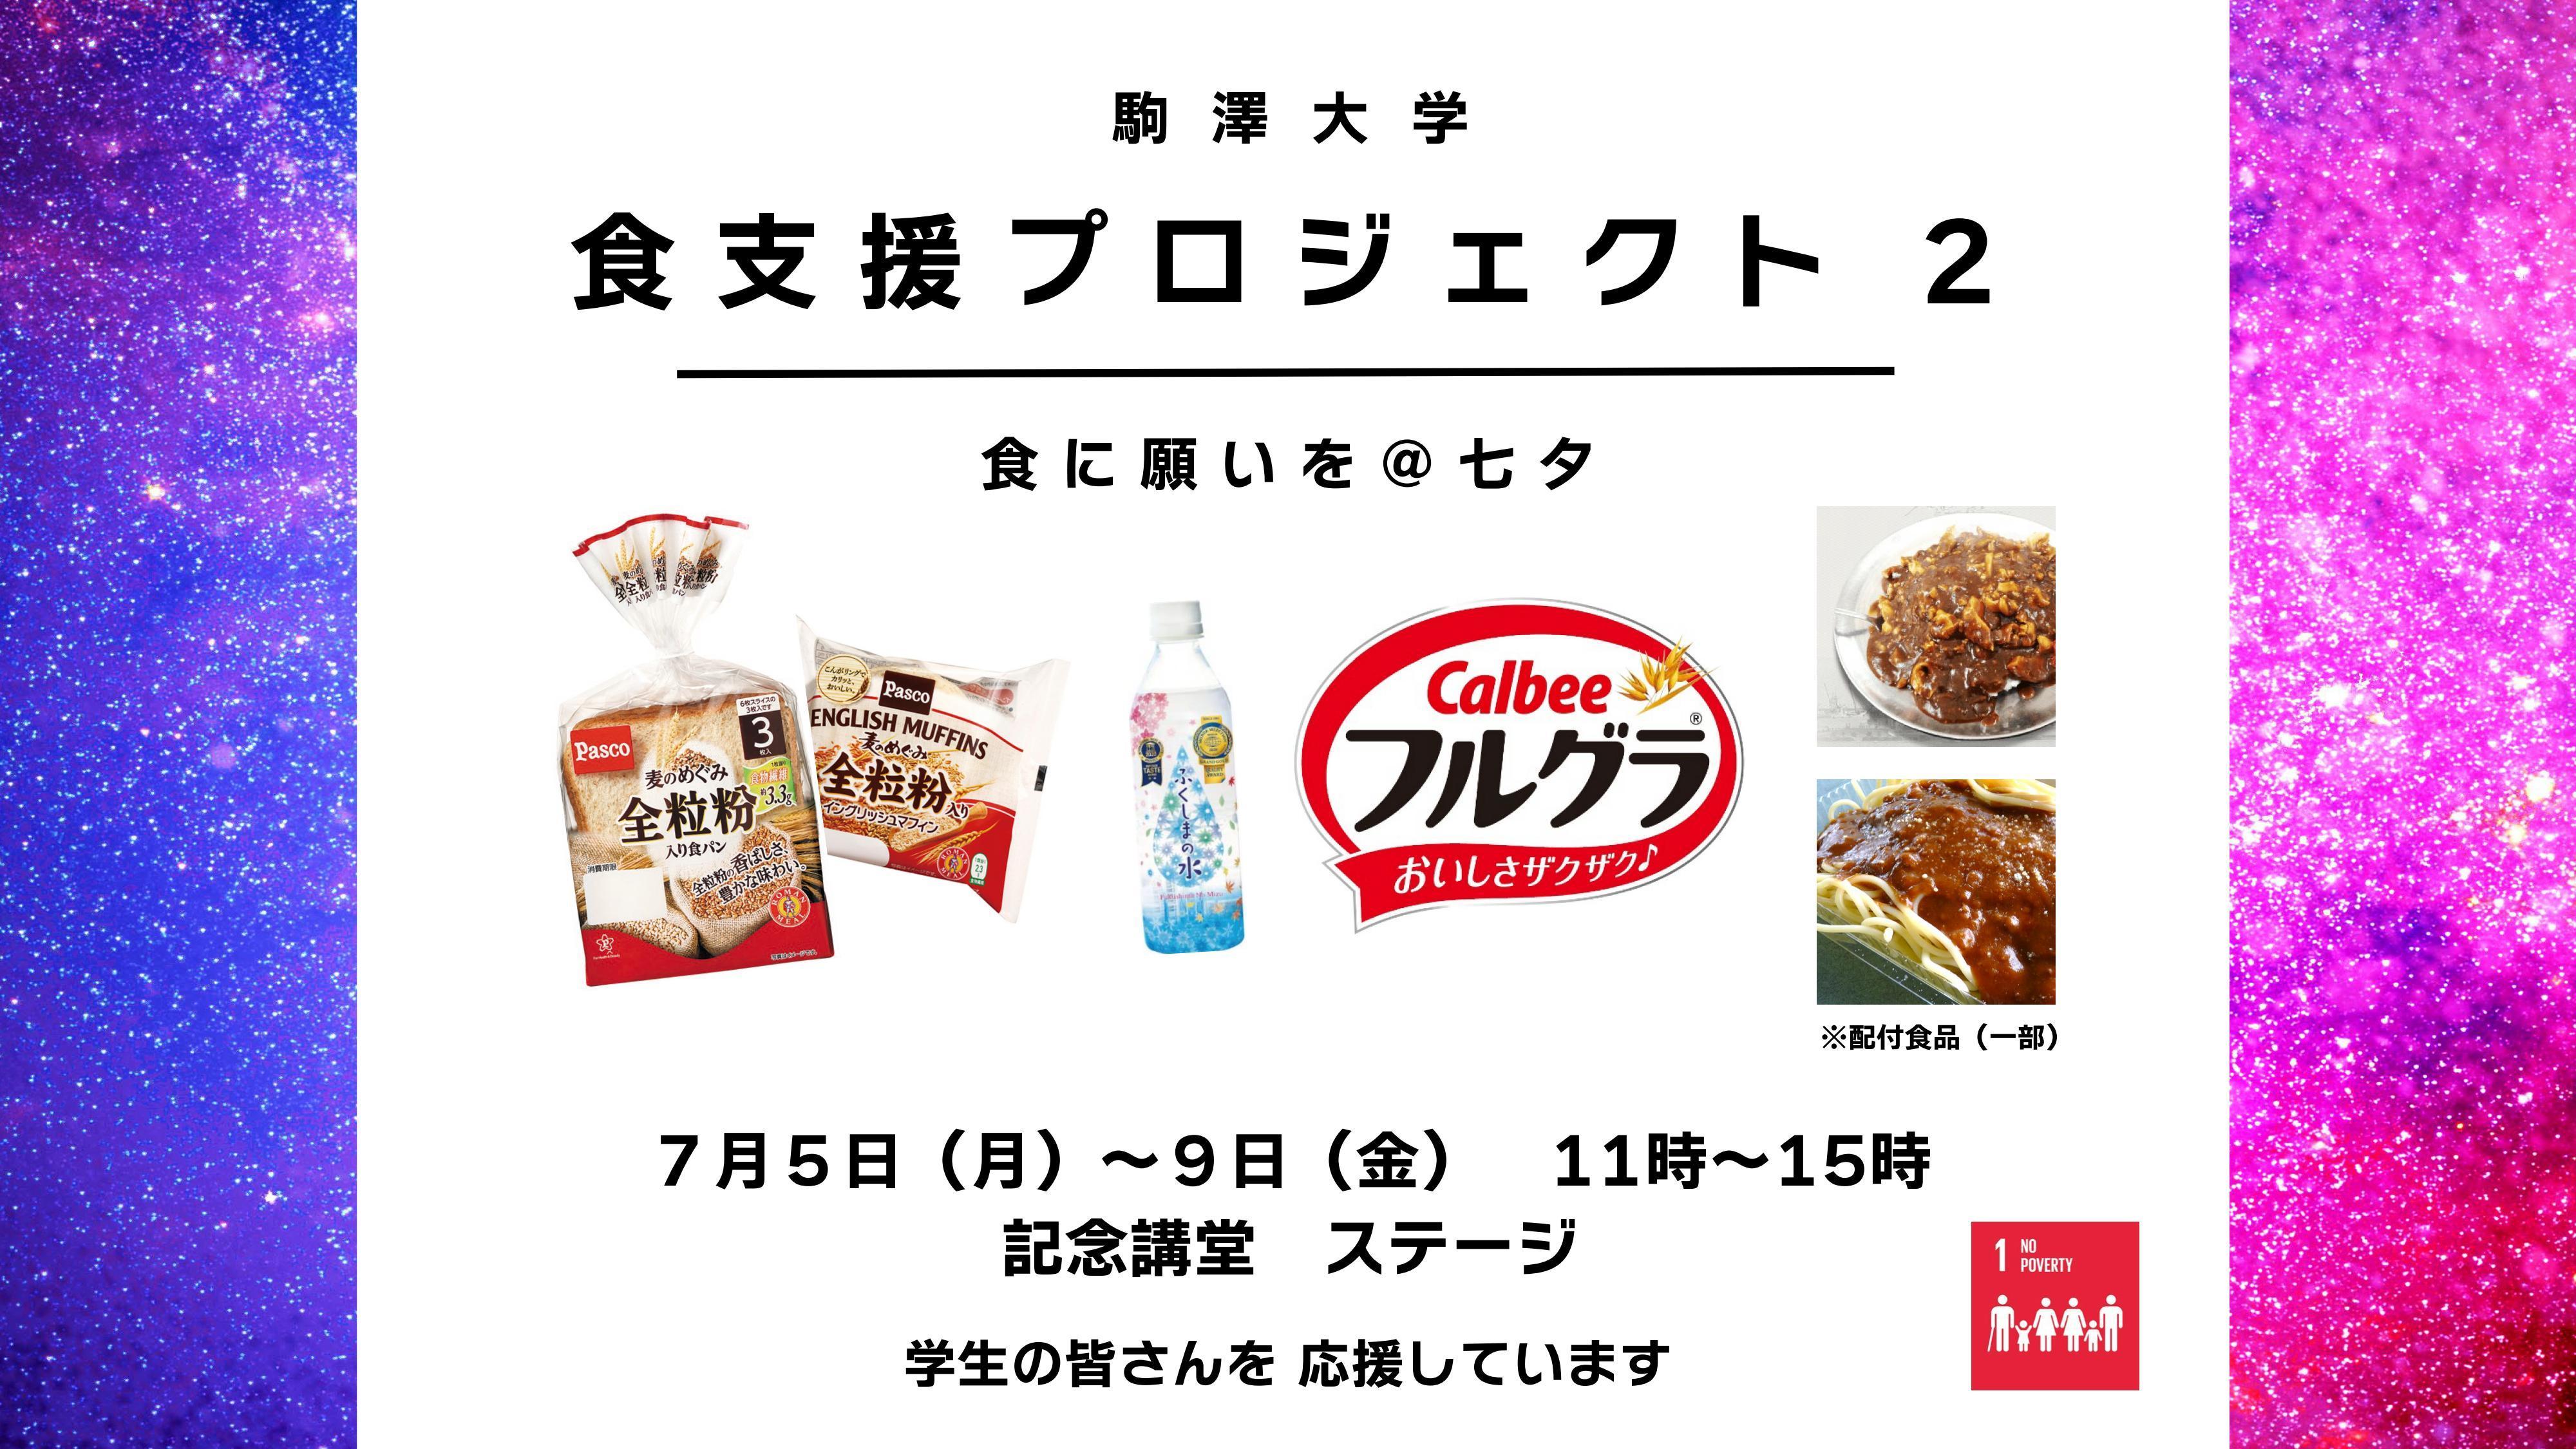 駒澤大学が7月5日~9日まで学生への食支援プロジェクト第2弾「食に願いを@七夕」を実施 -- 複数企業・団体と連携